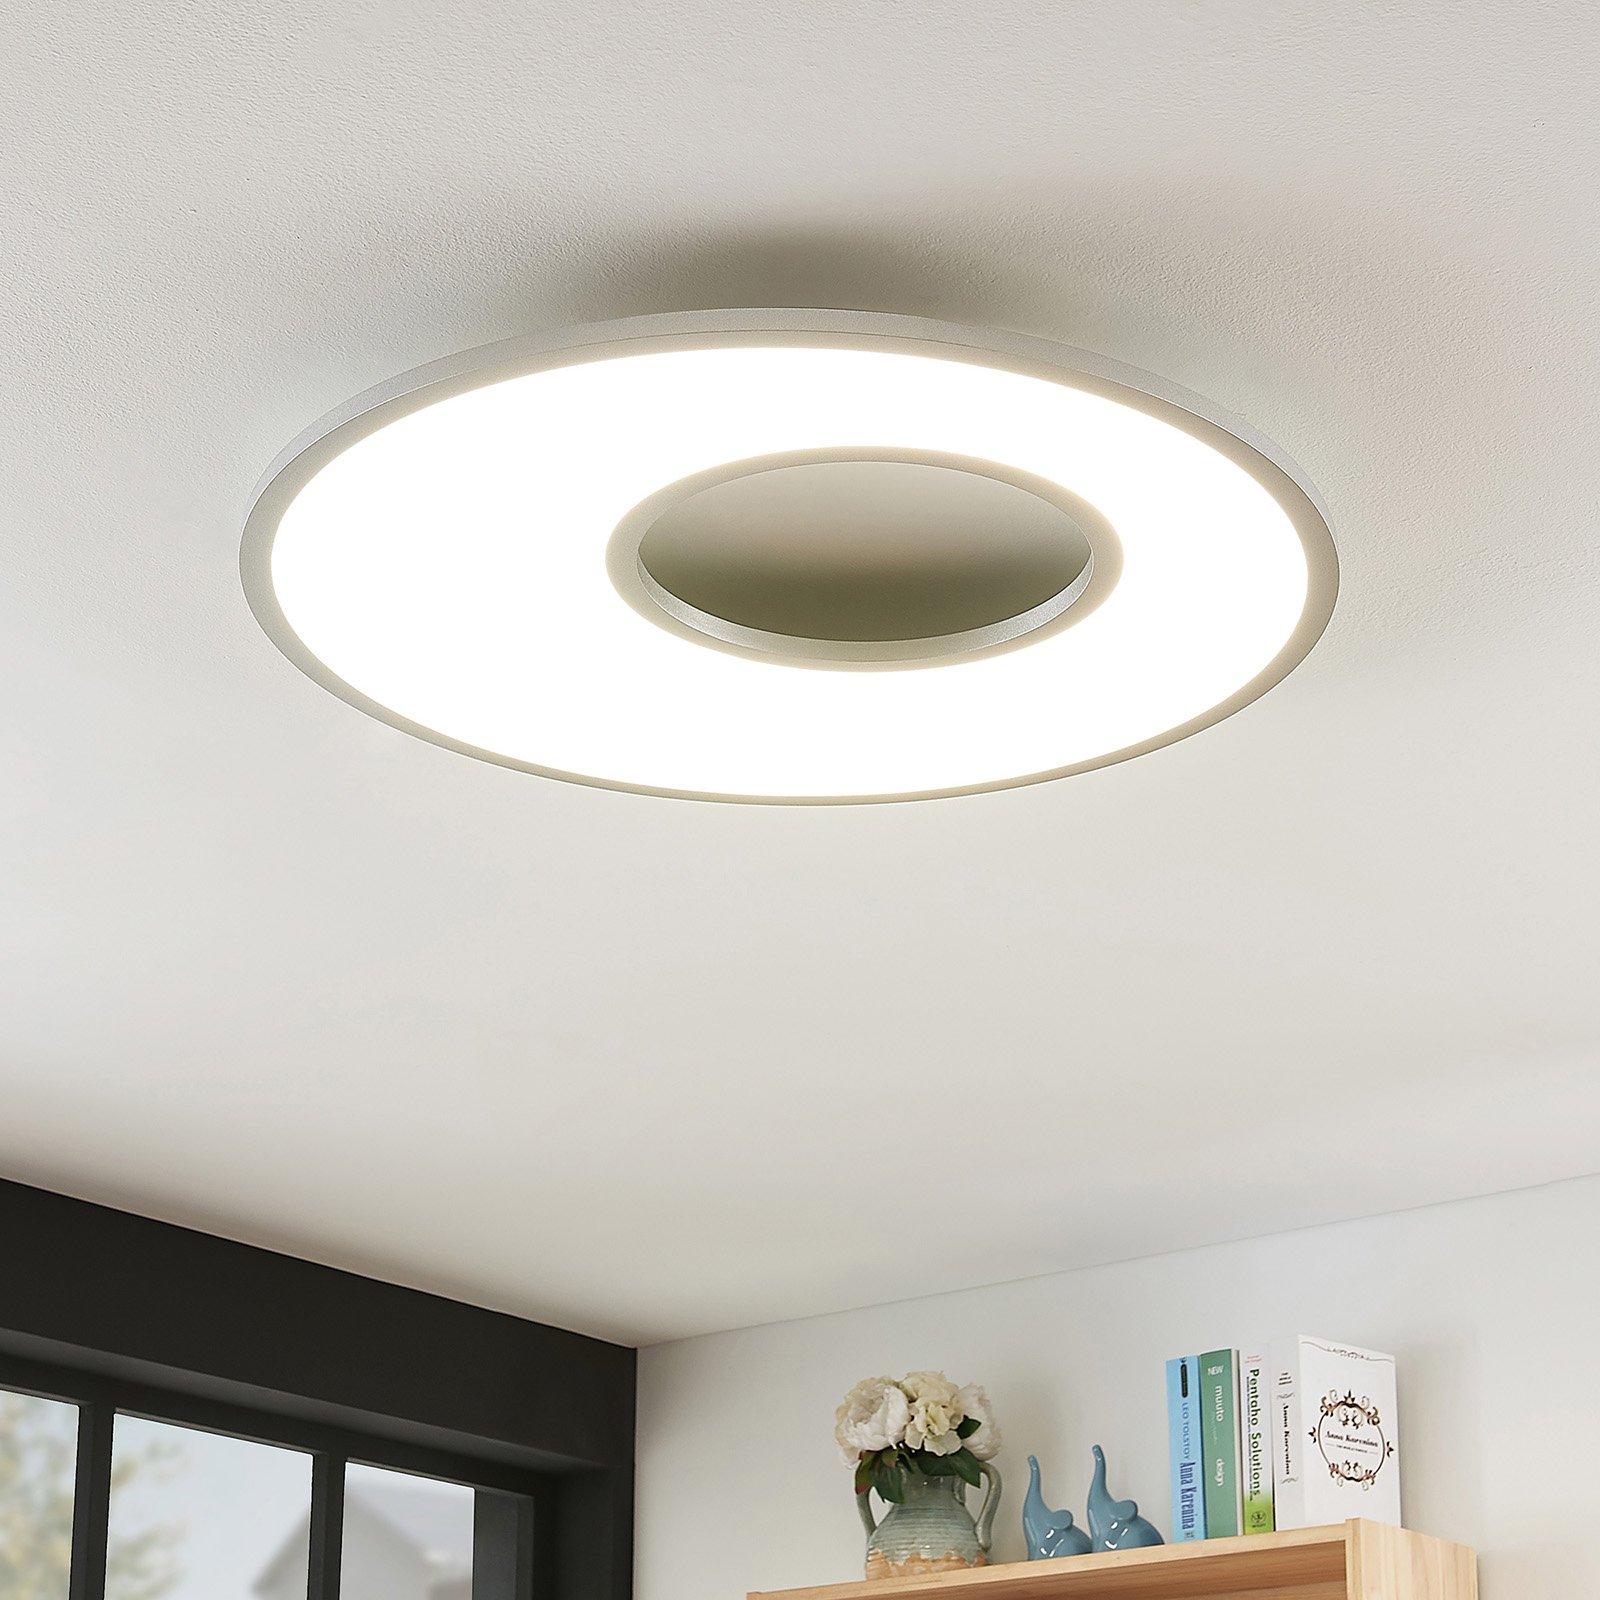 LED-taklampe Durun, dimbar, CCT, rund, 60 cm